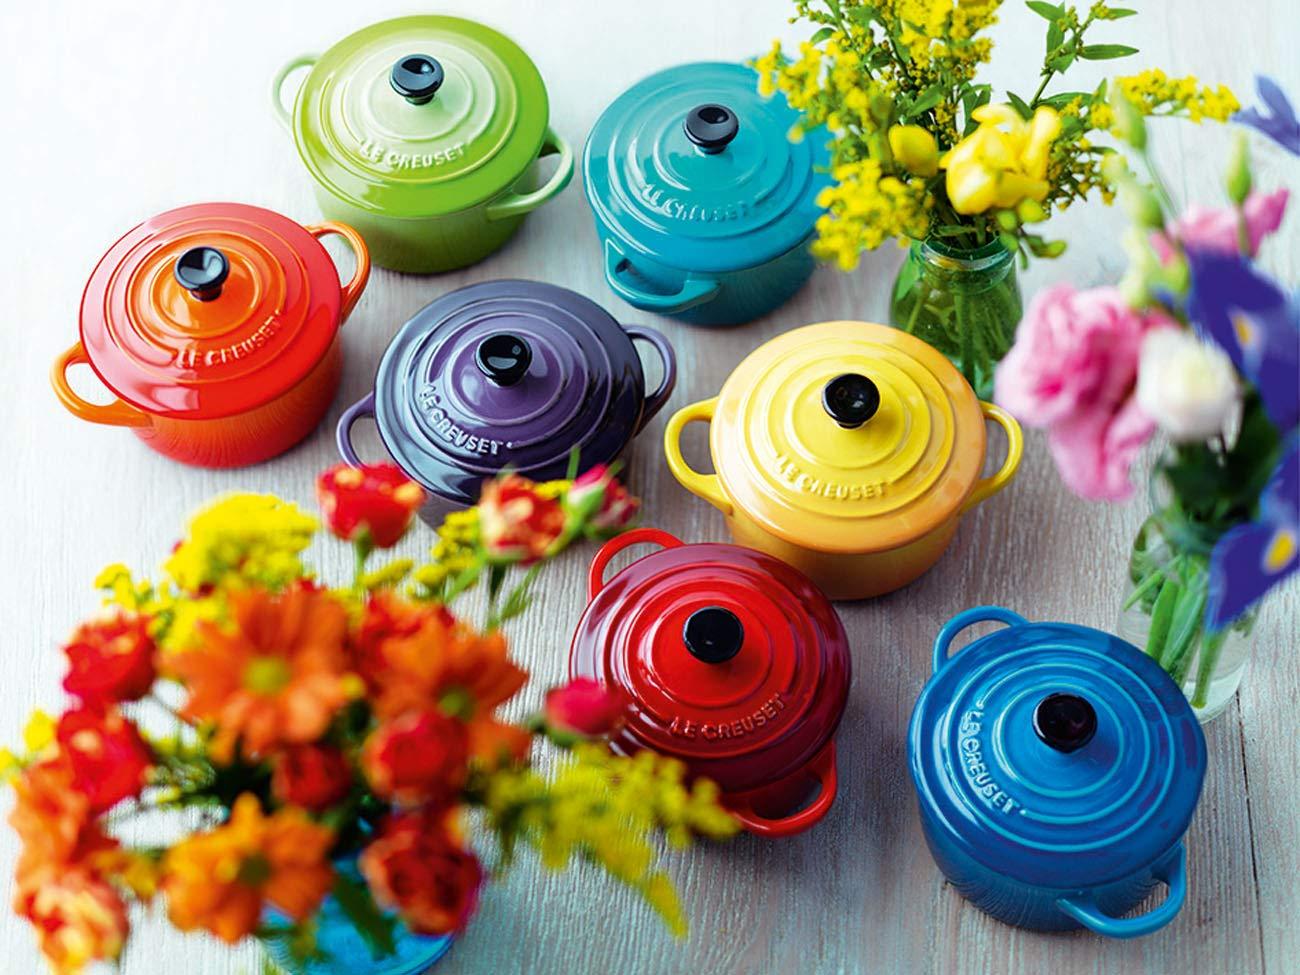 Le Creuset 91006900060010 Le Set de 4 Petites Cocottes en C/éramique 0.2 L-Cerise